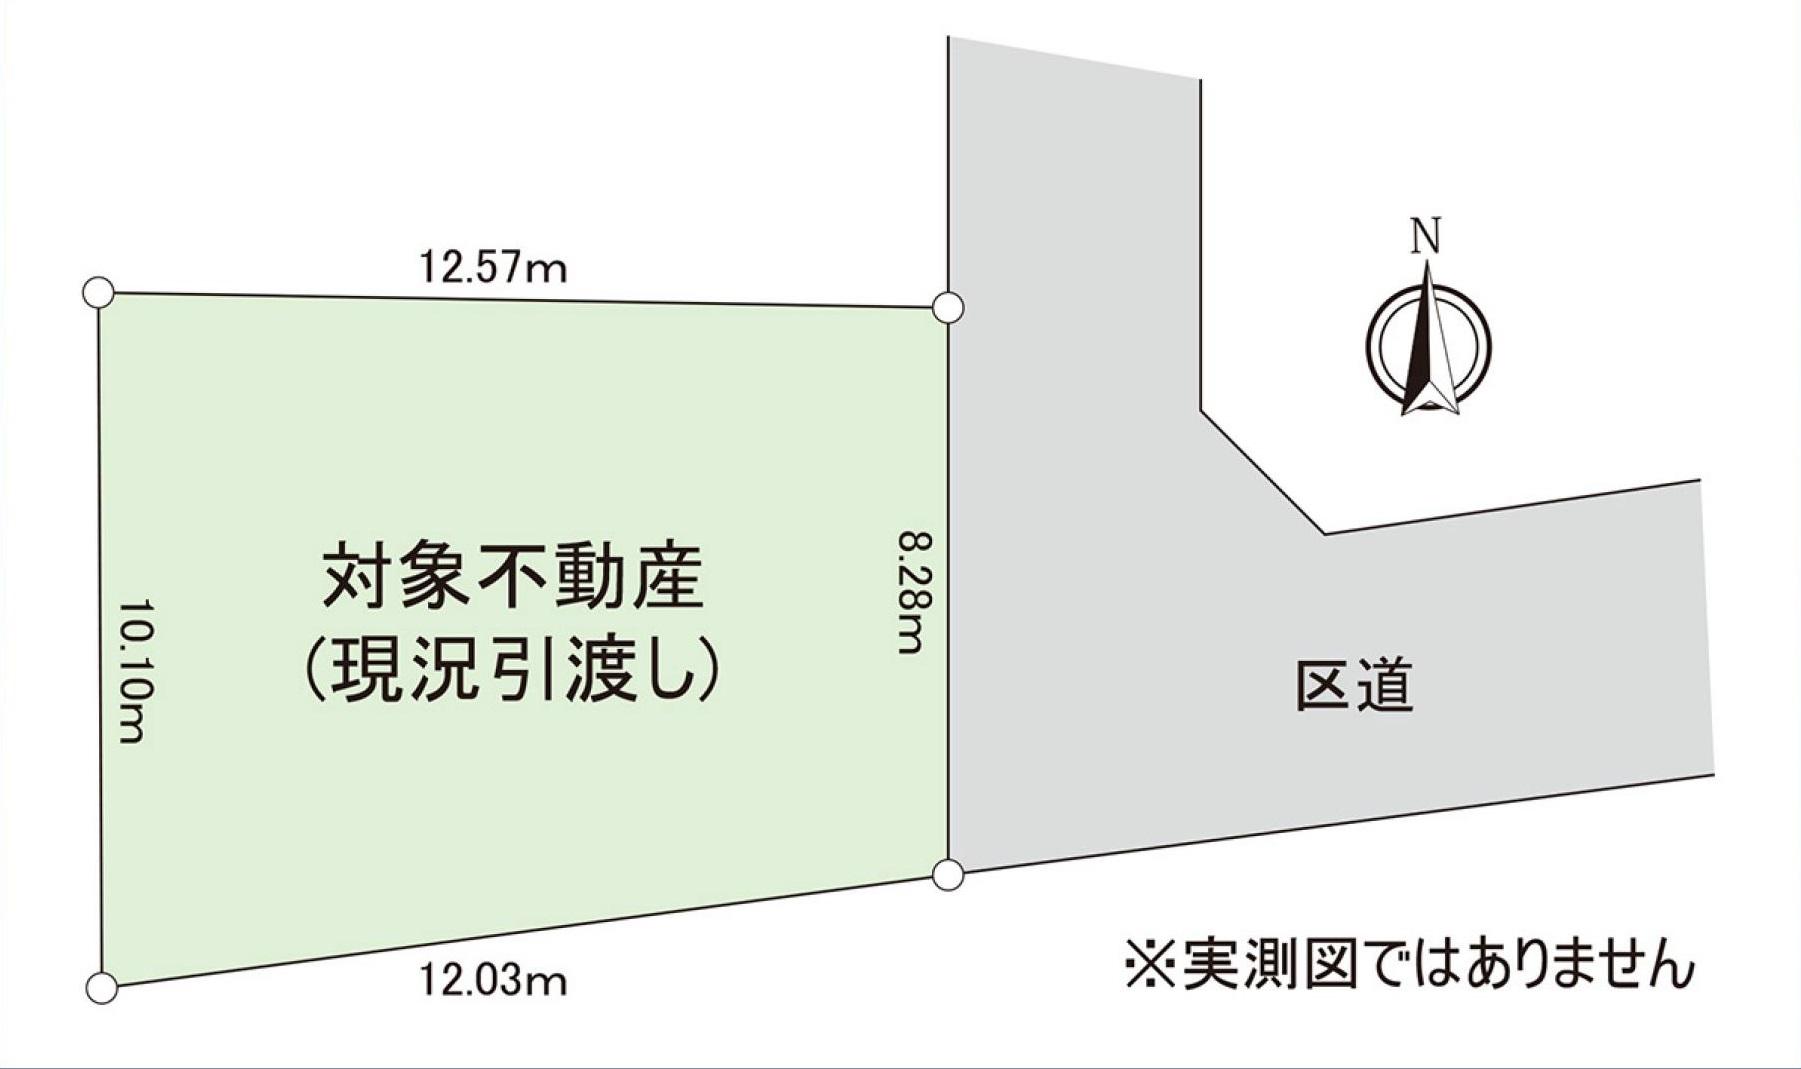 土地面積:114.67平米